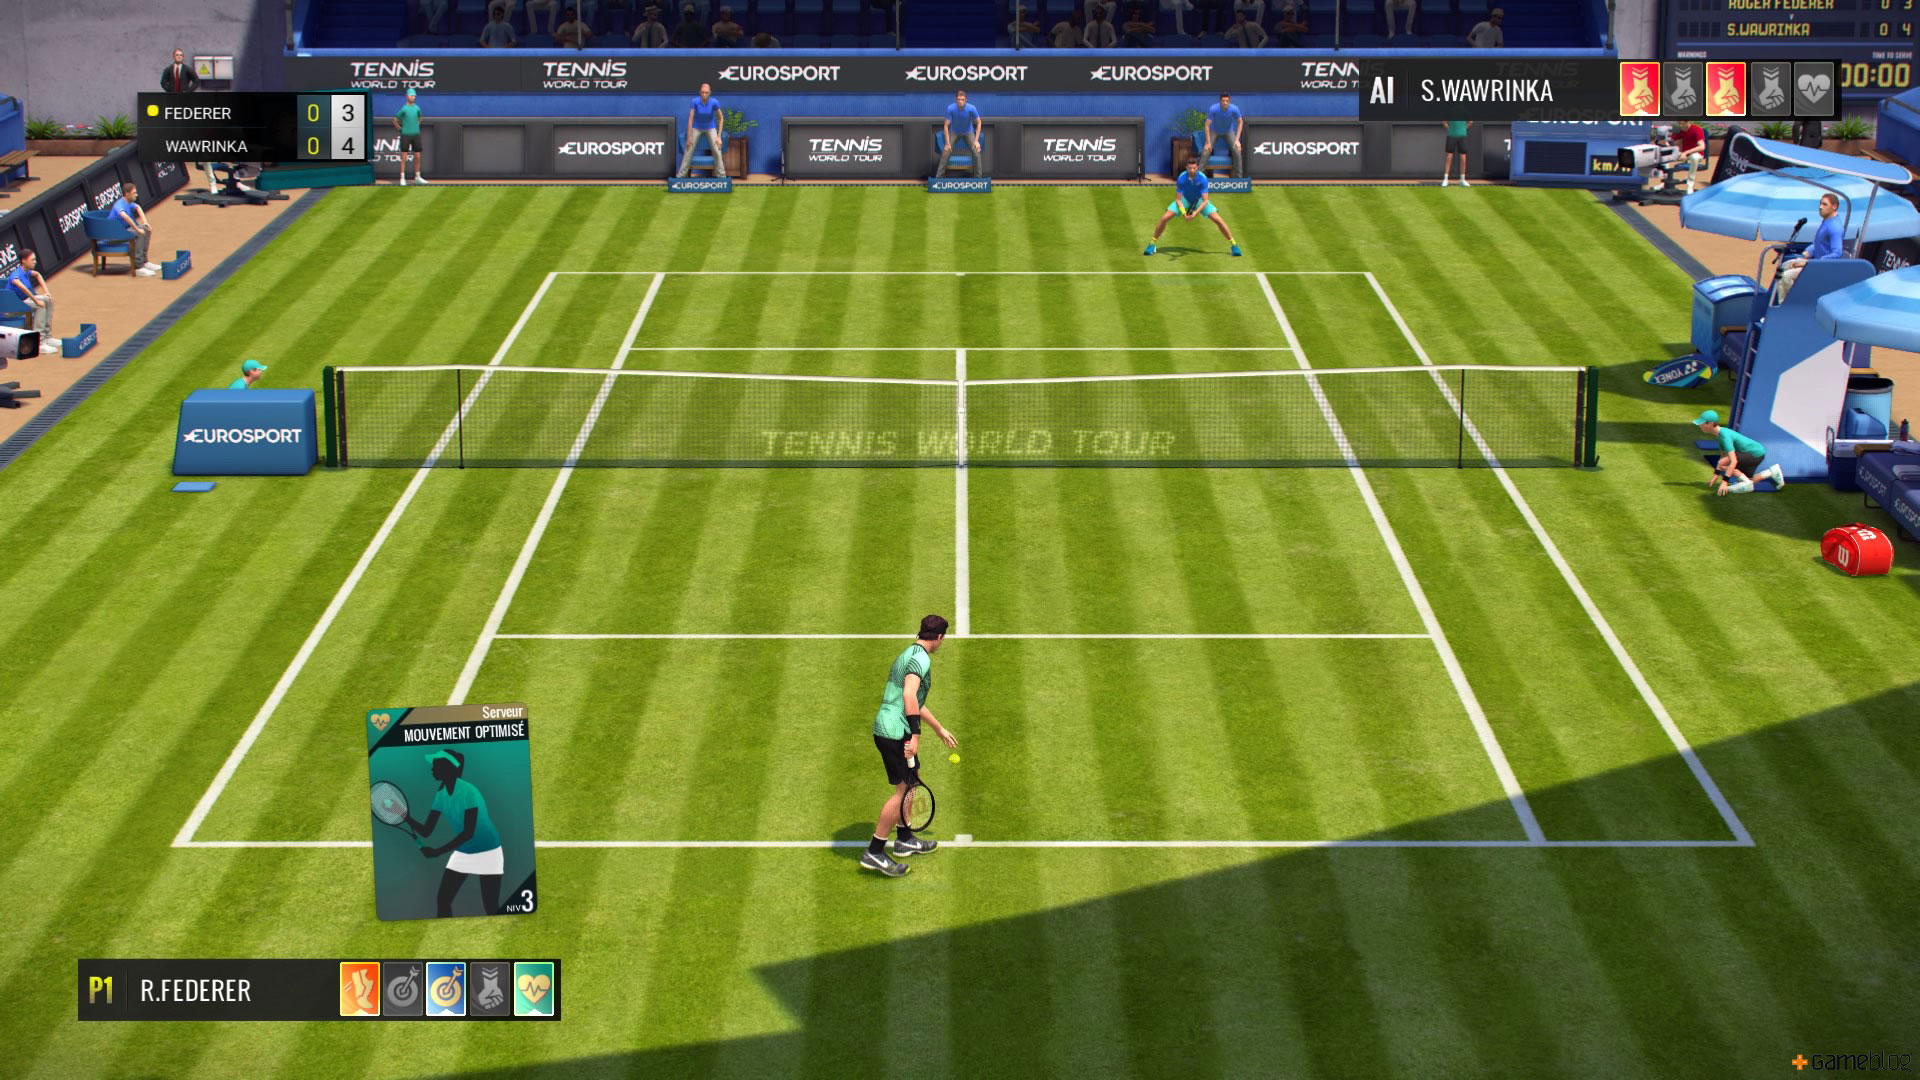 TennisWorldTour PS4 Test 013